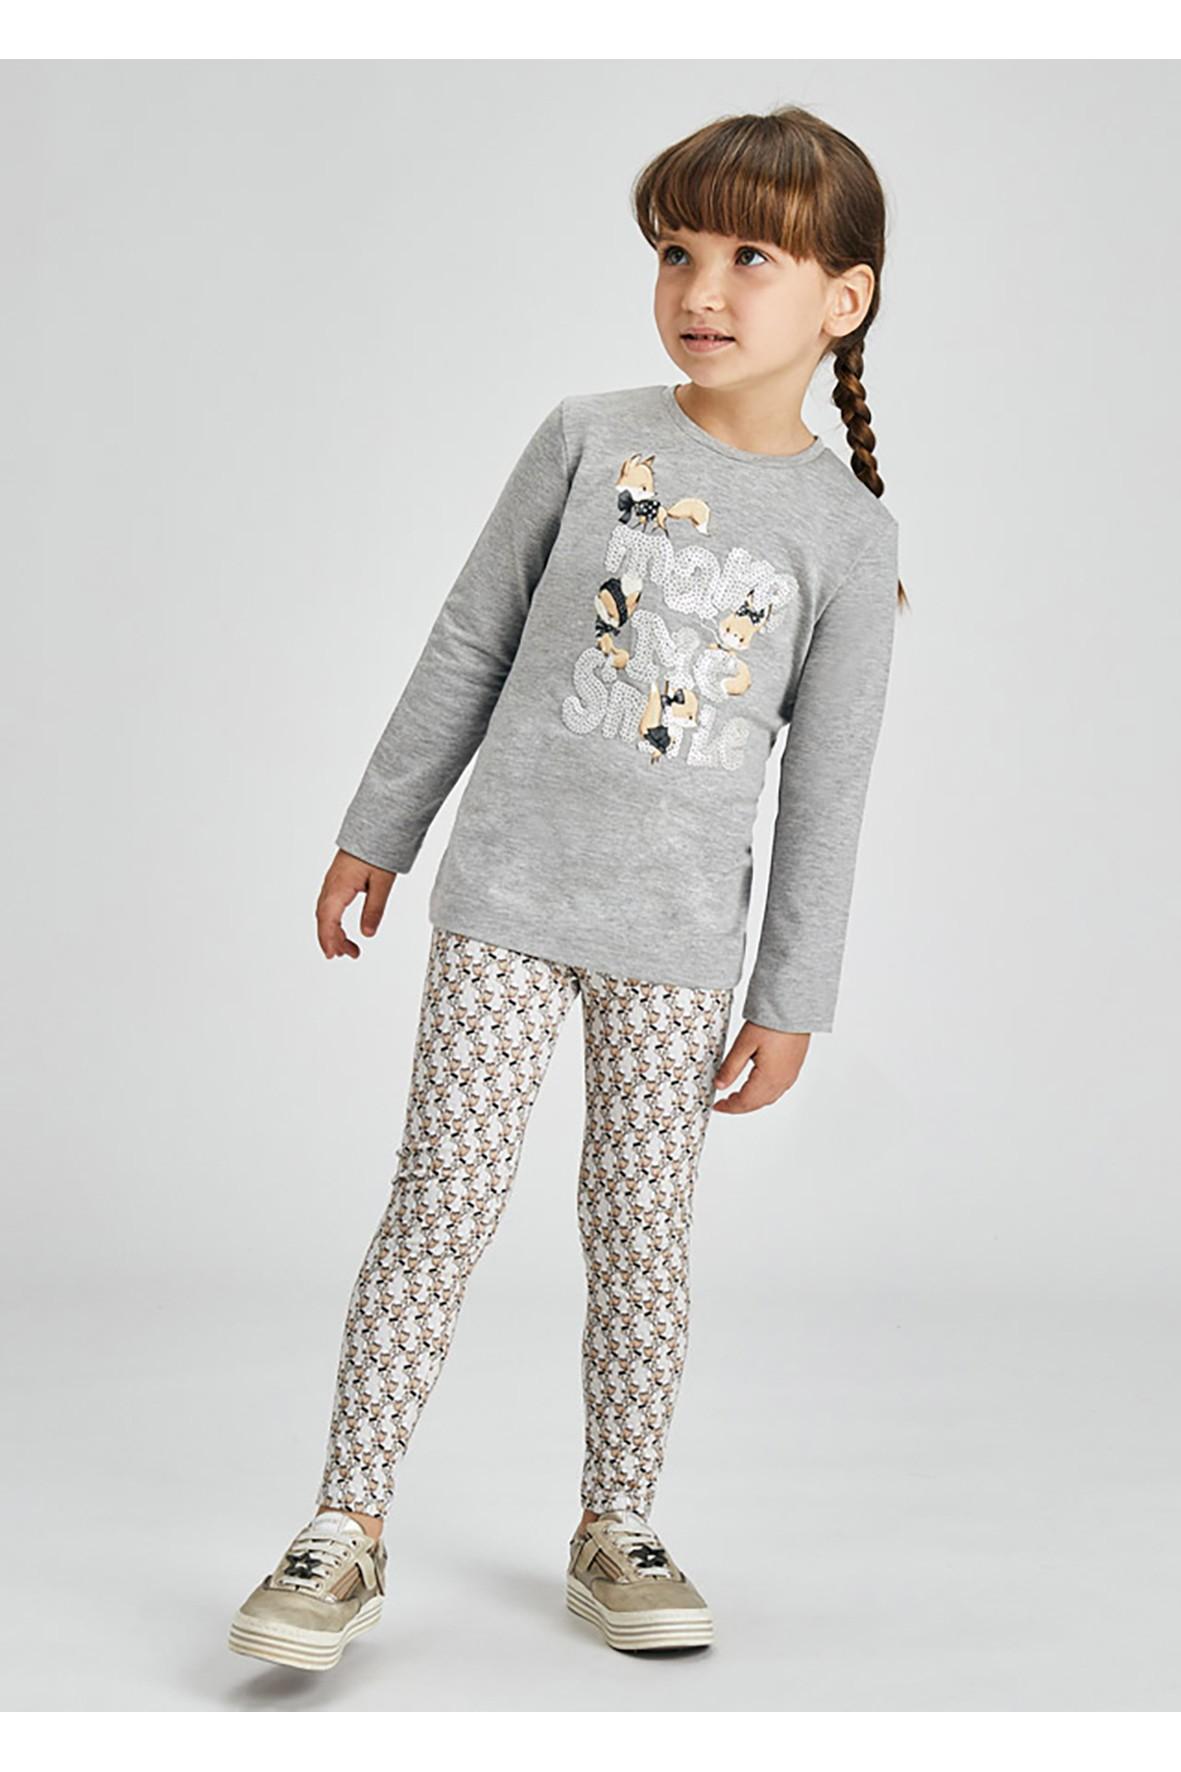 Komplet dziewczęcy - bluzka z długim rękawem + leginsy we wzory